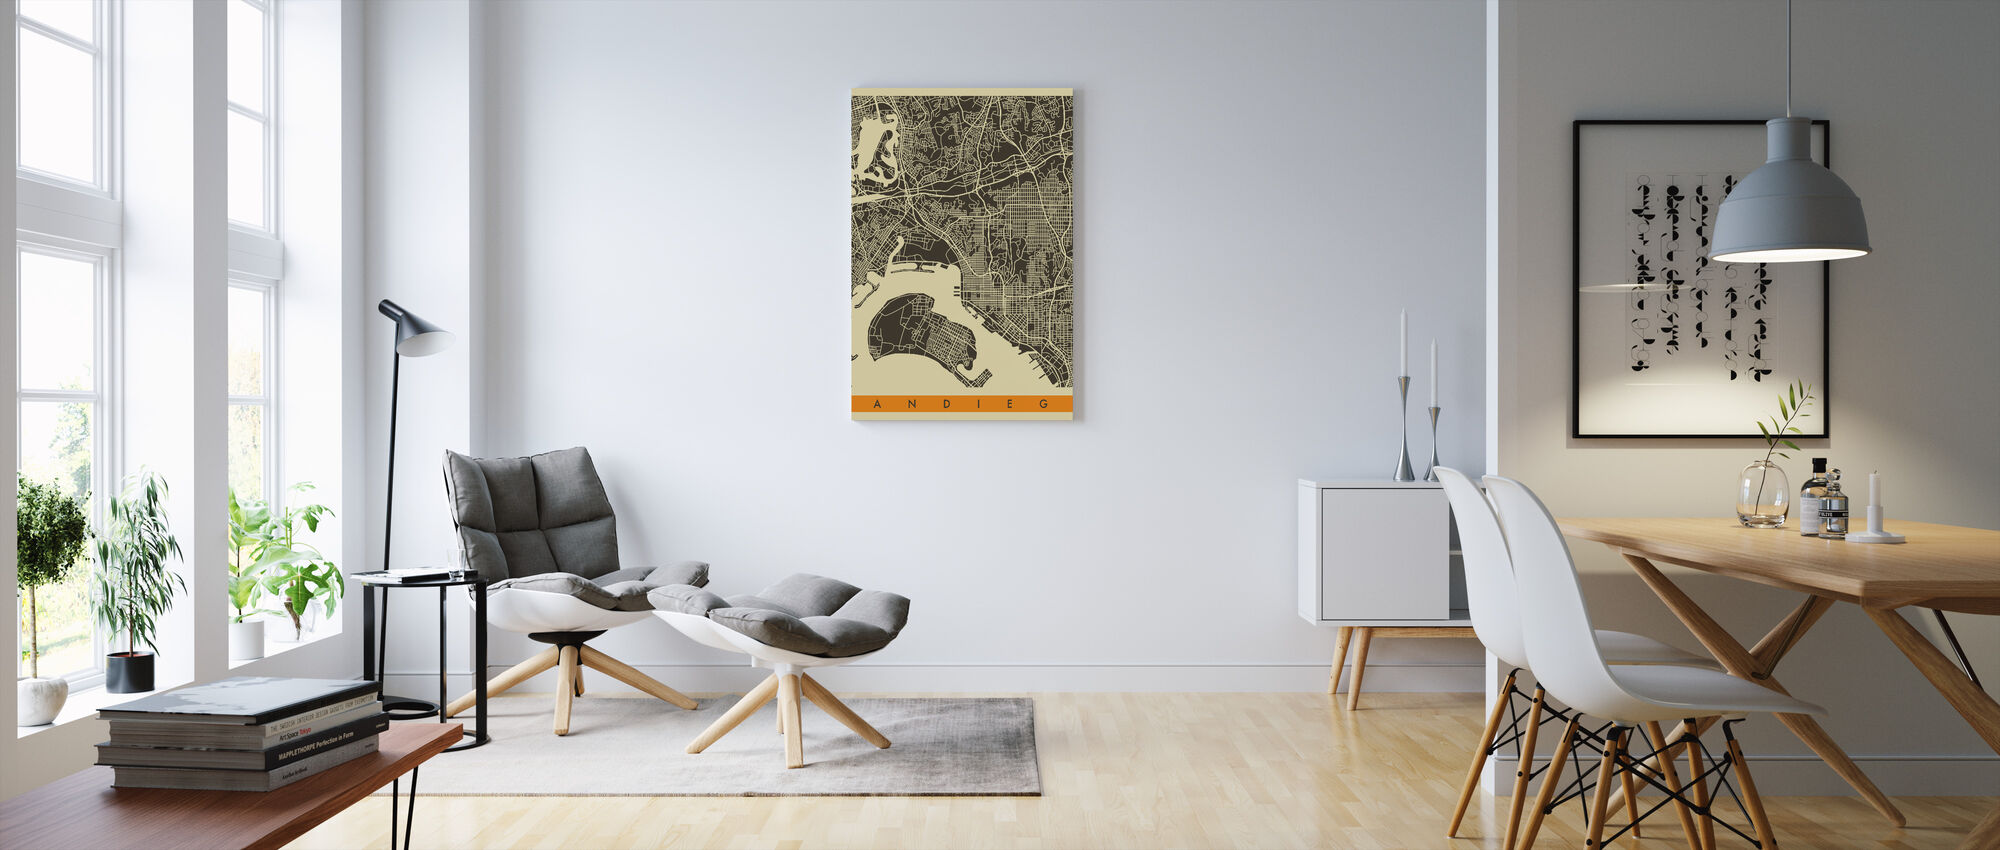 Bykart - San Diego - Lerretsbilde - Stue